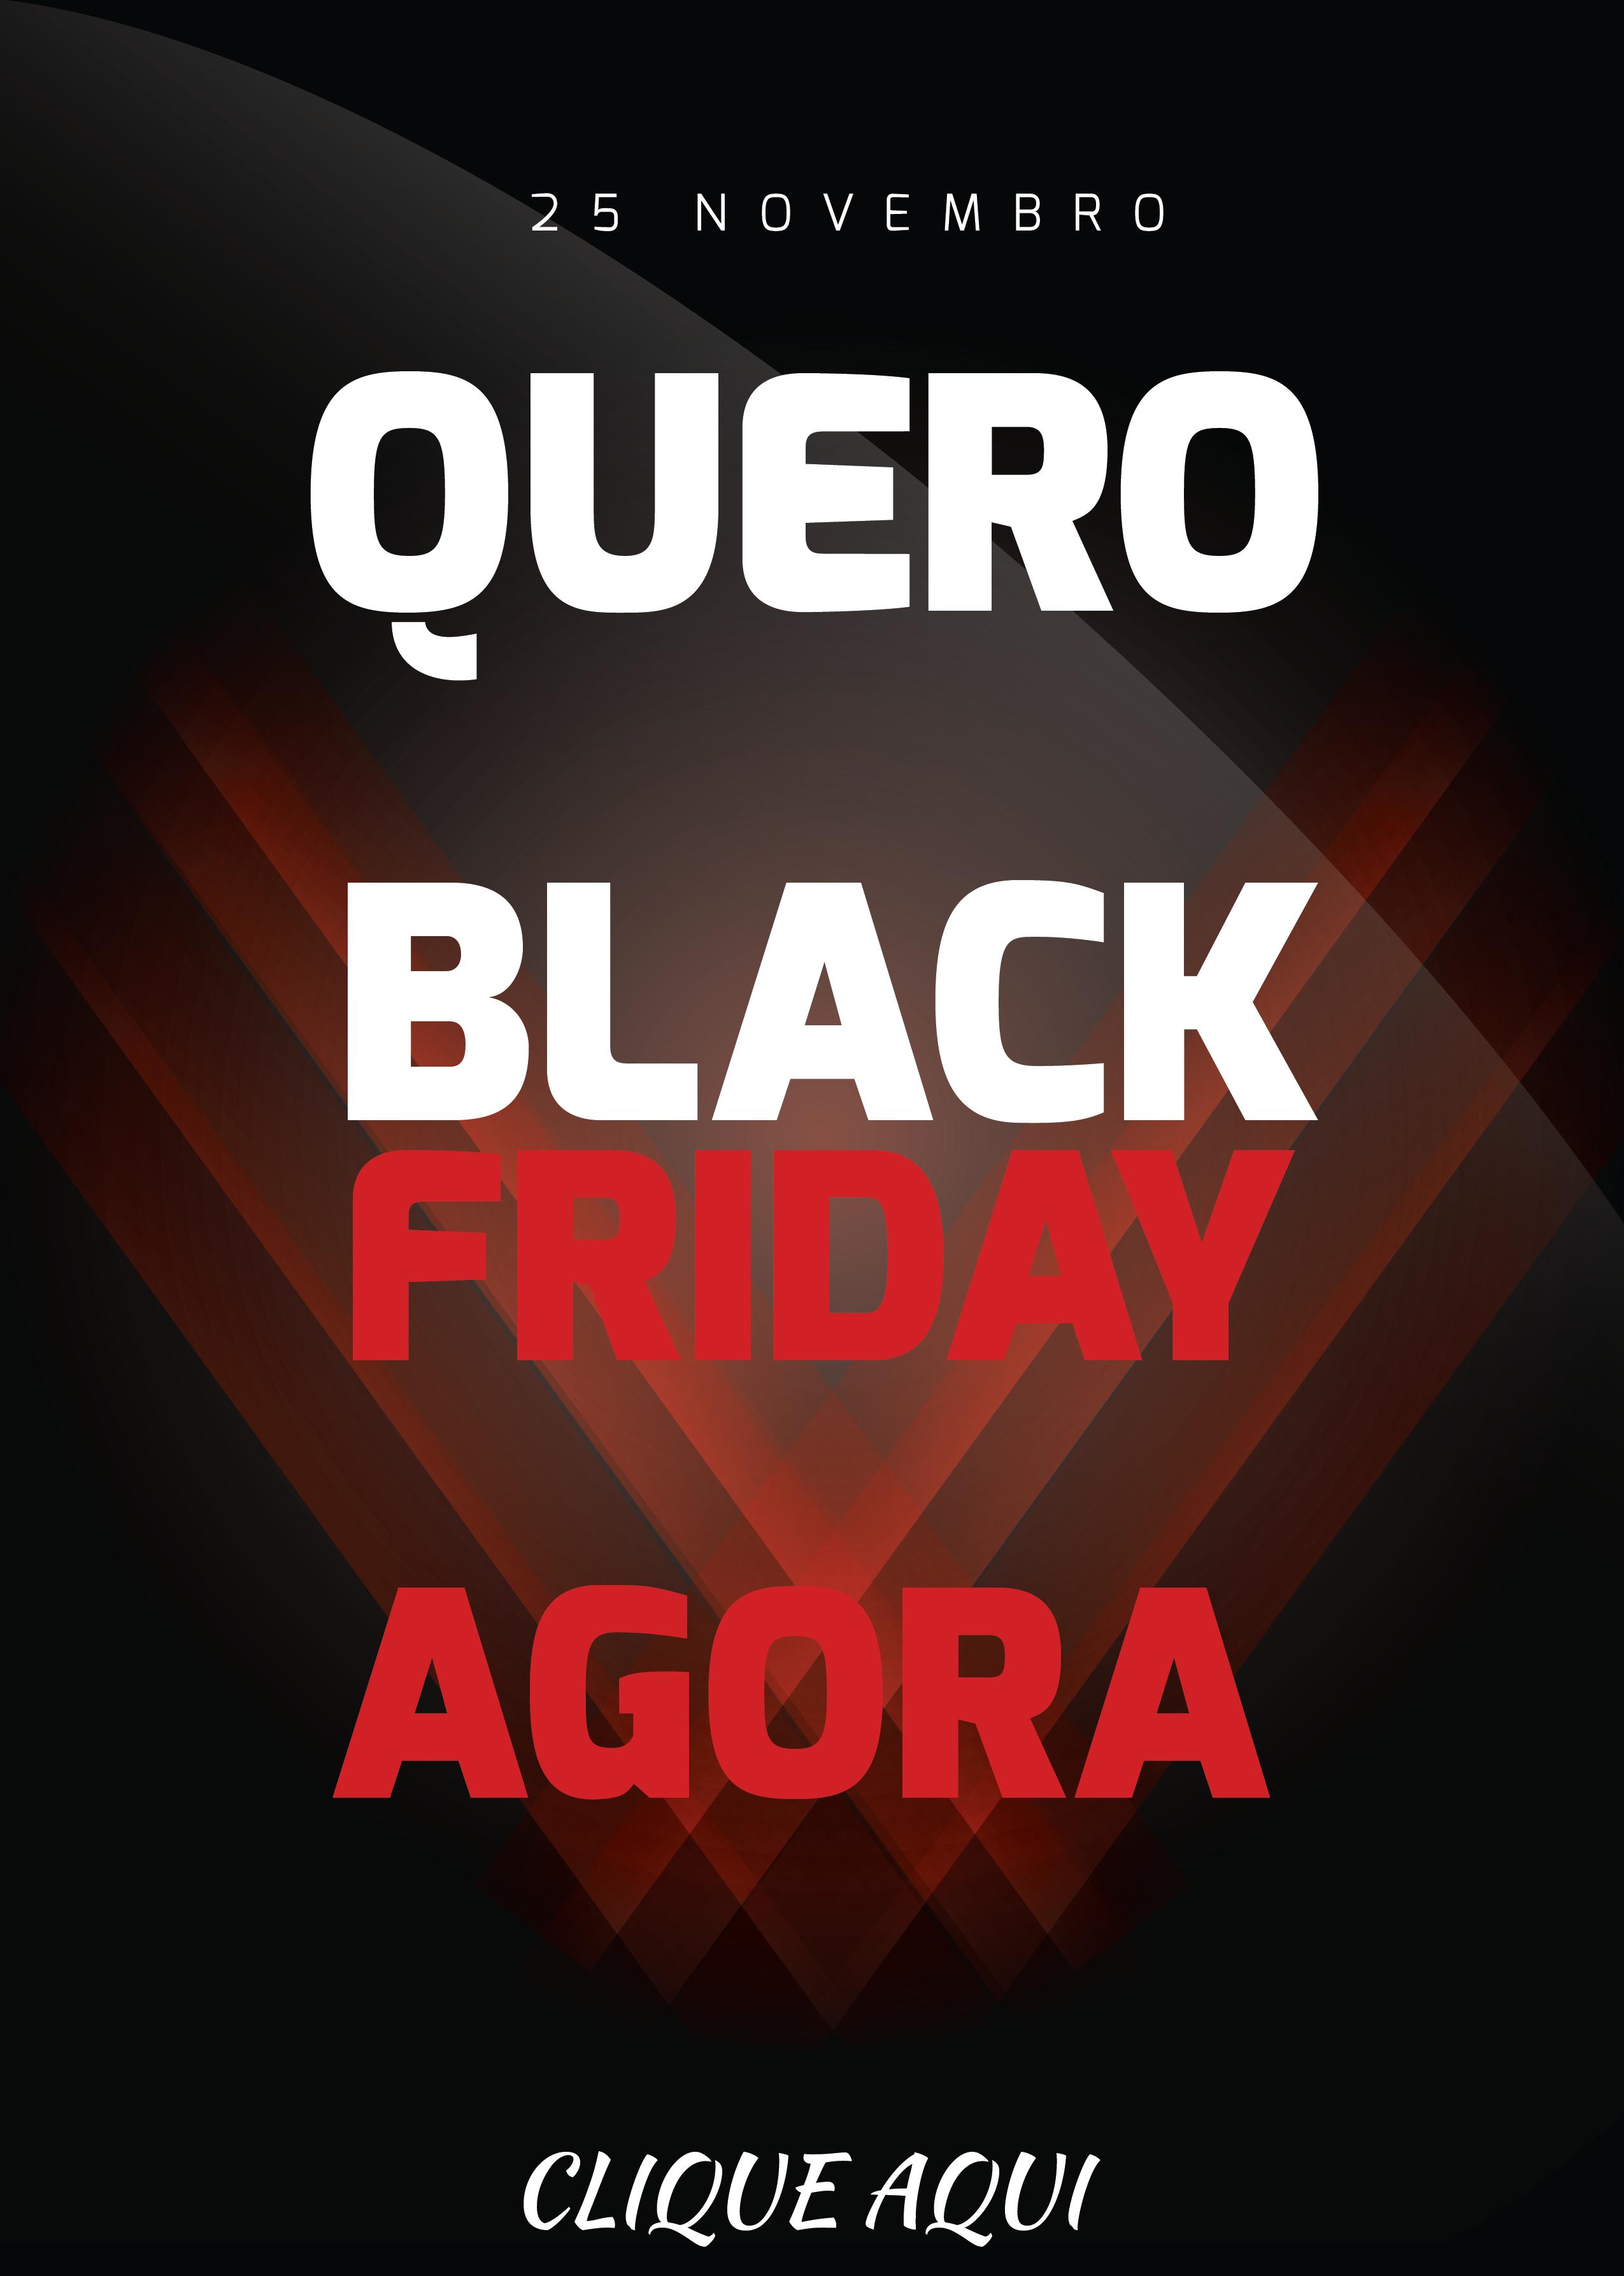 Black Friday 2016 Criação de Sites com 50% de desconto